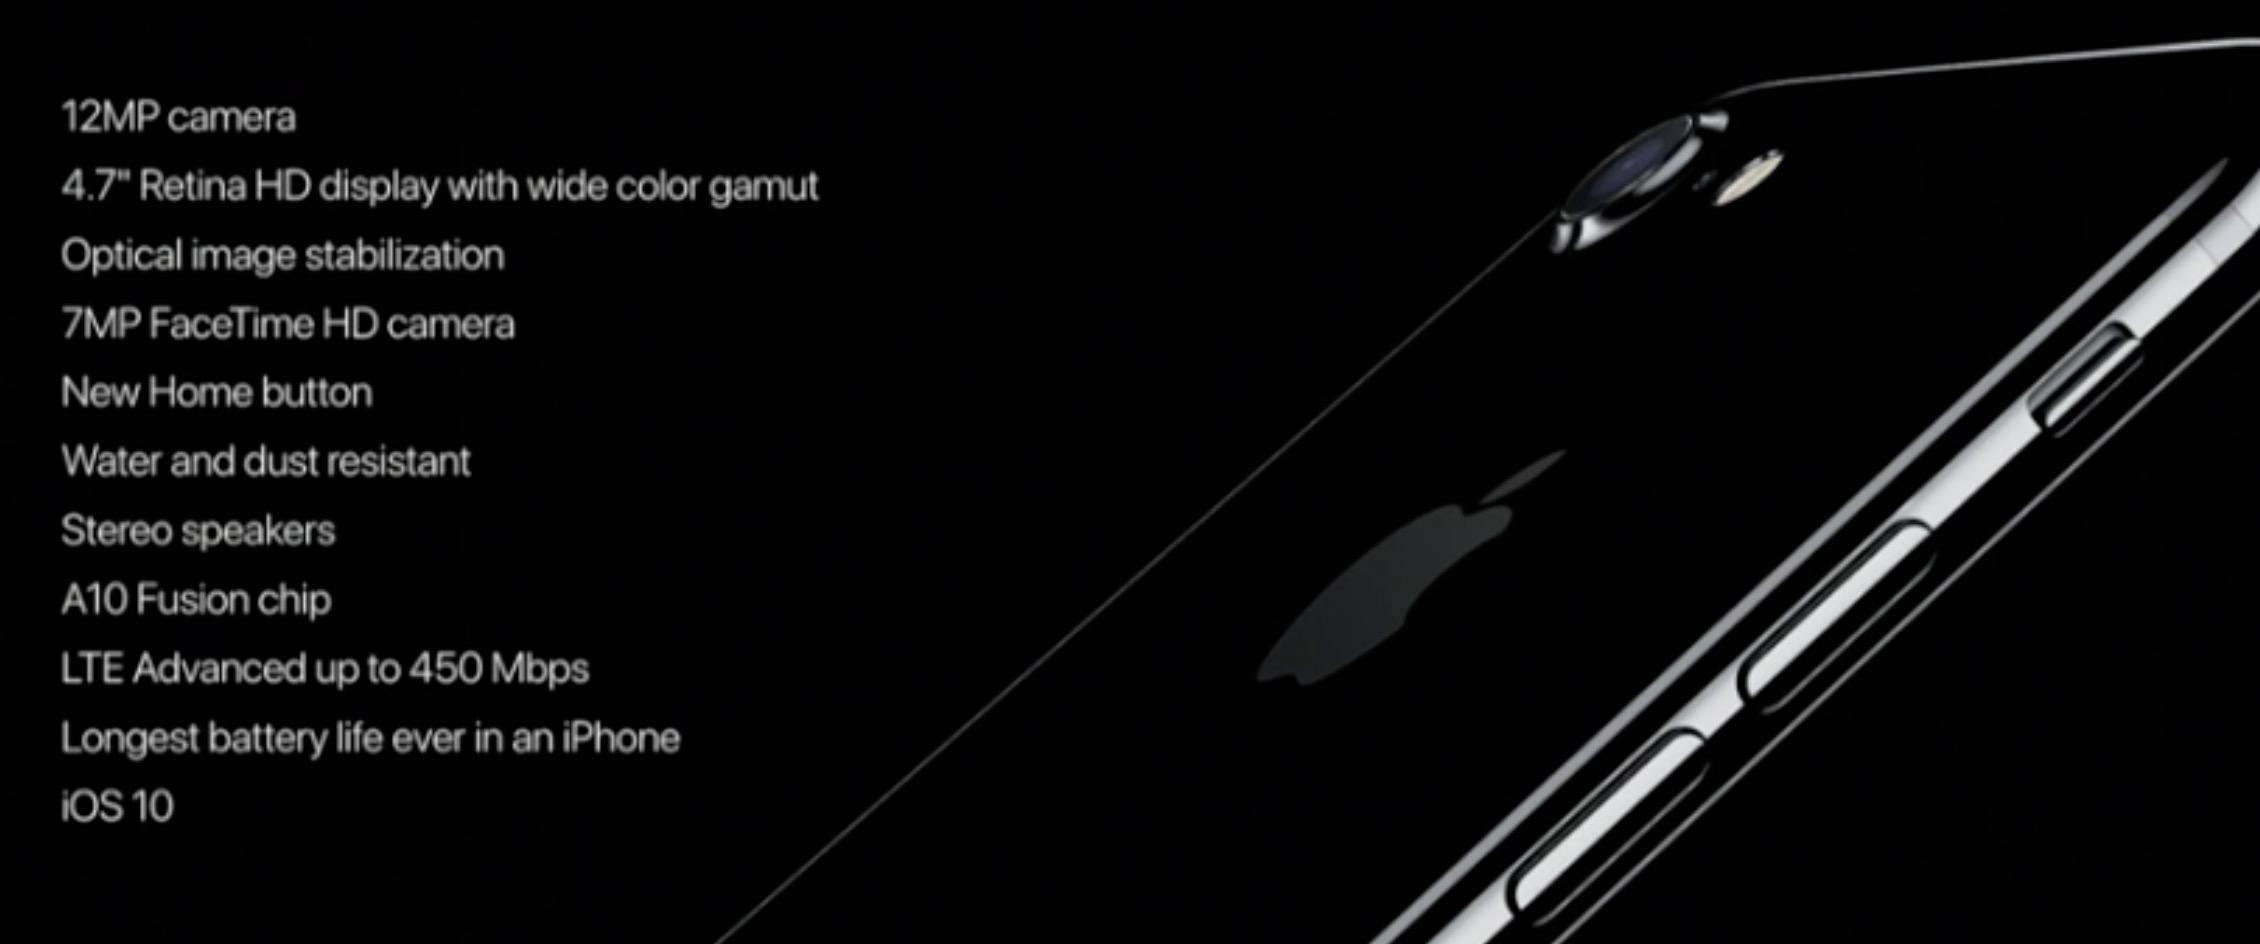 iPhone 7 specifiche tecniche e caratteristiche